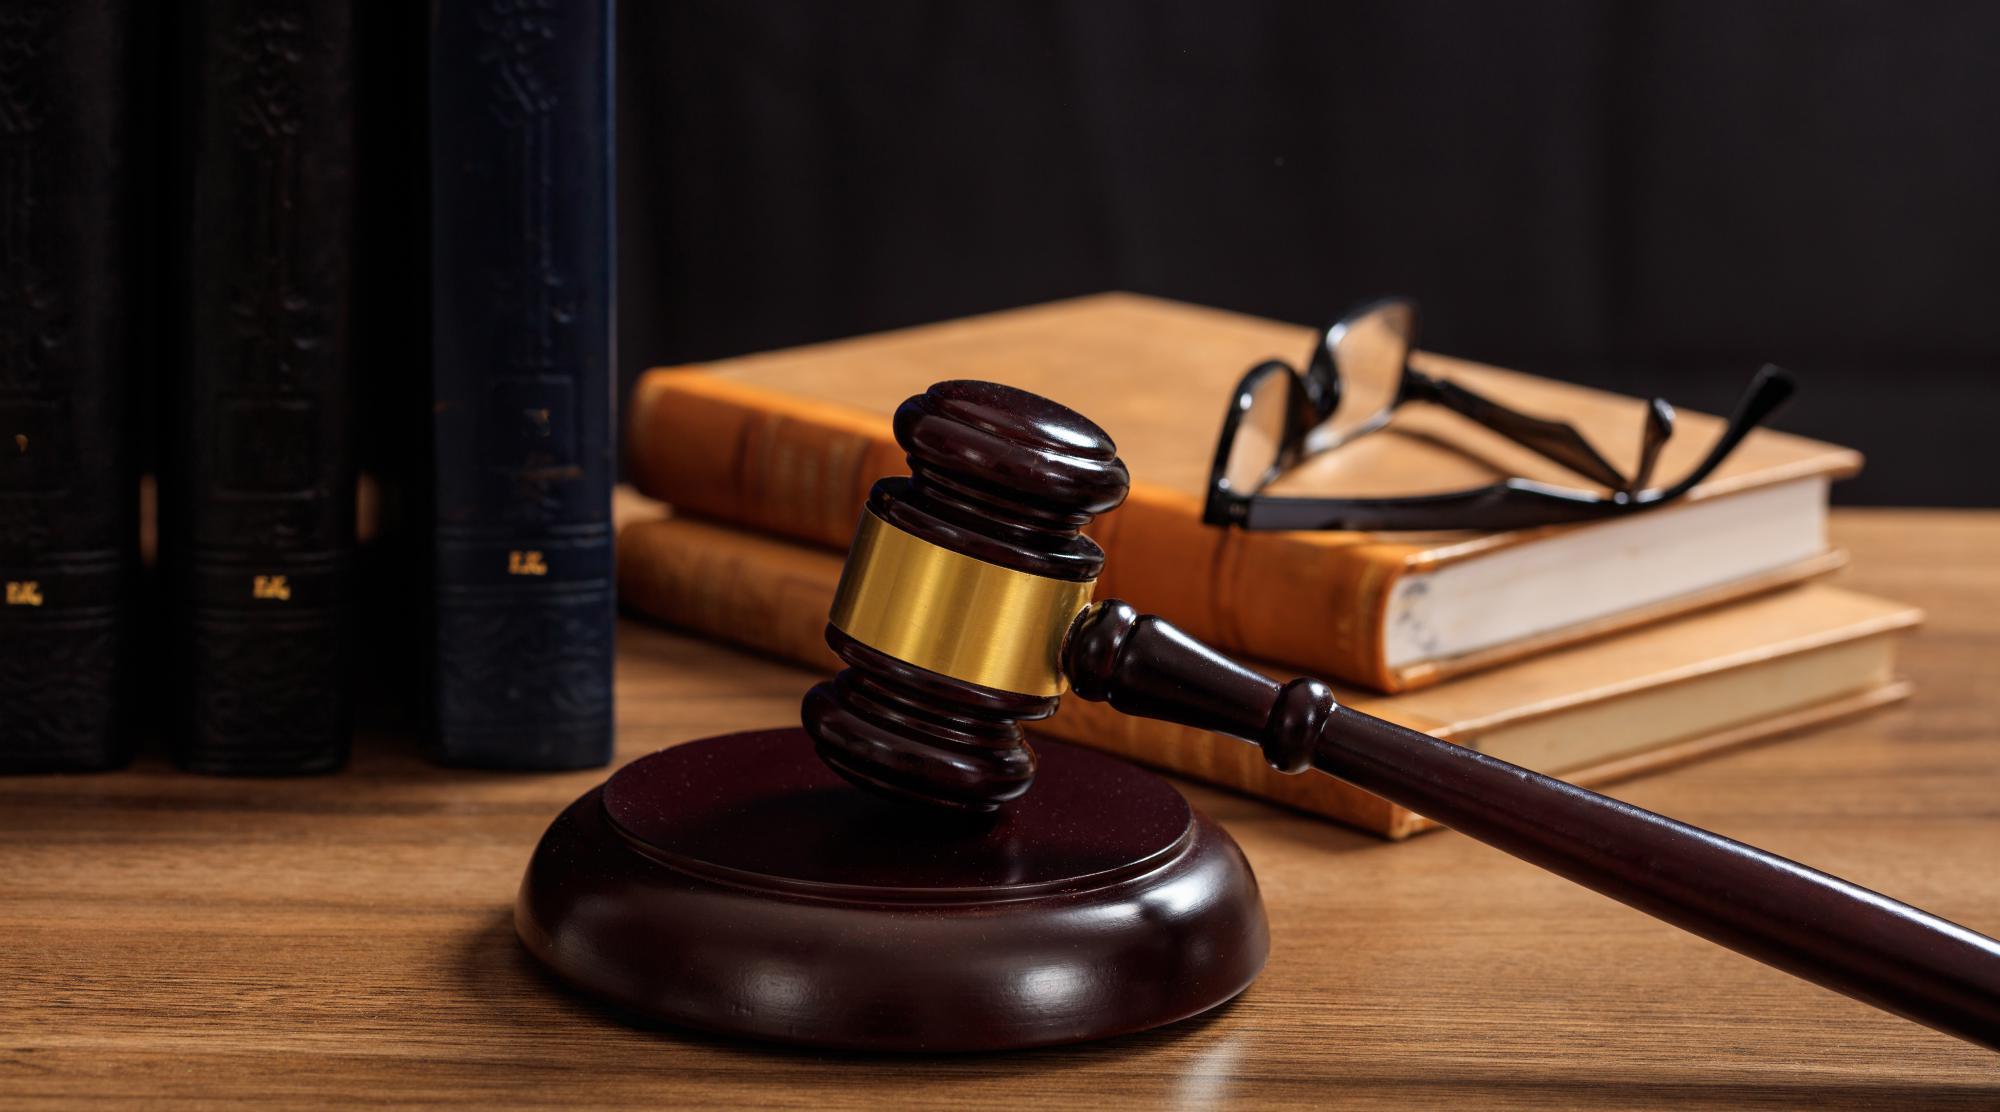 Арбитражный суд Московского округа направил на новое рассмотрение дело о «дроблении бизнеса»